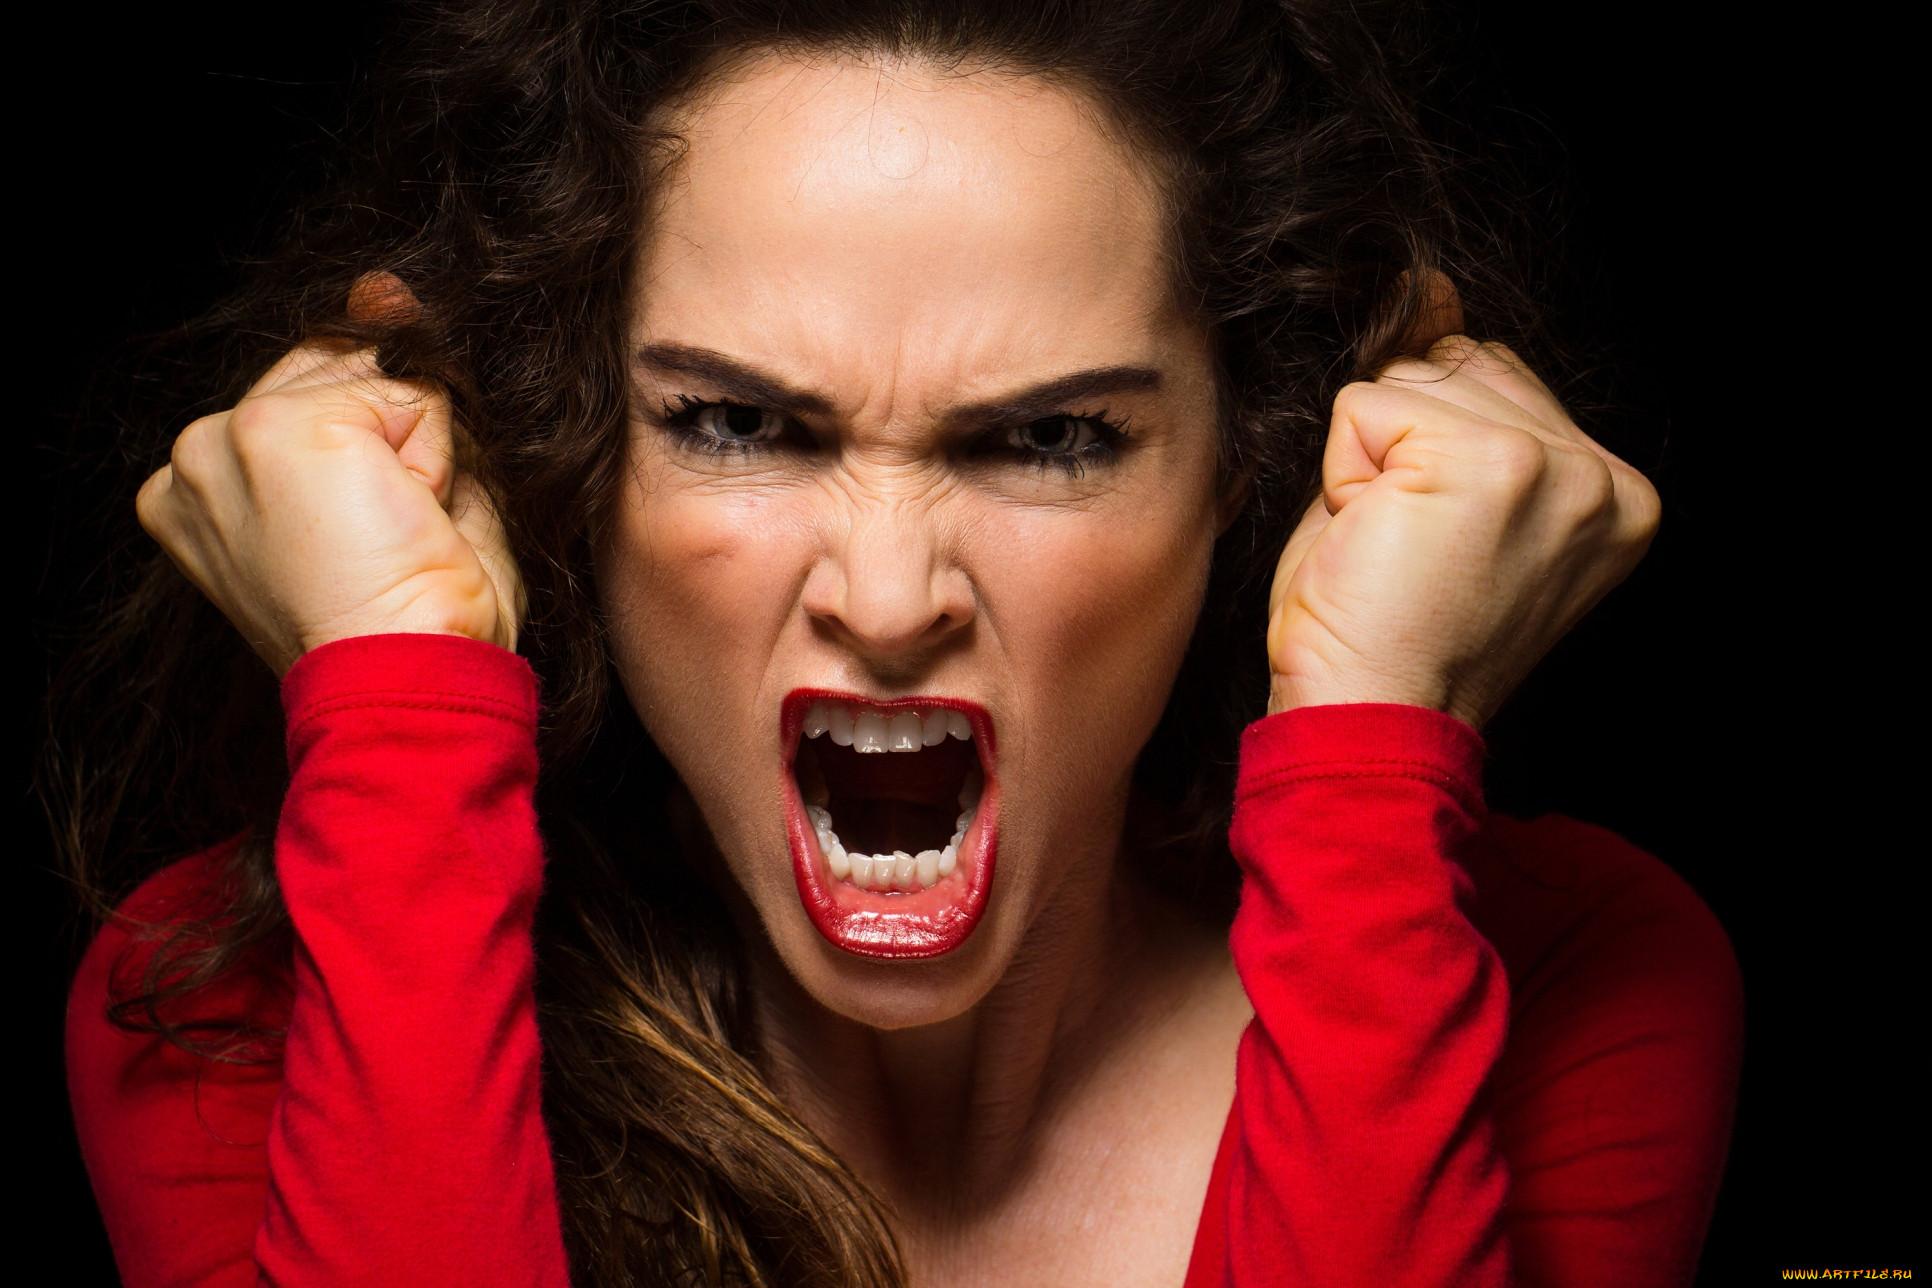 Чувство гнева в картинках